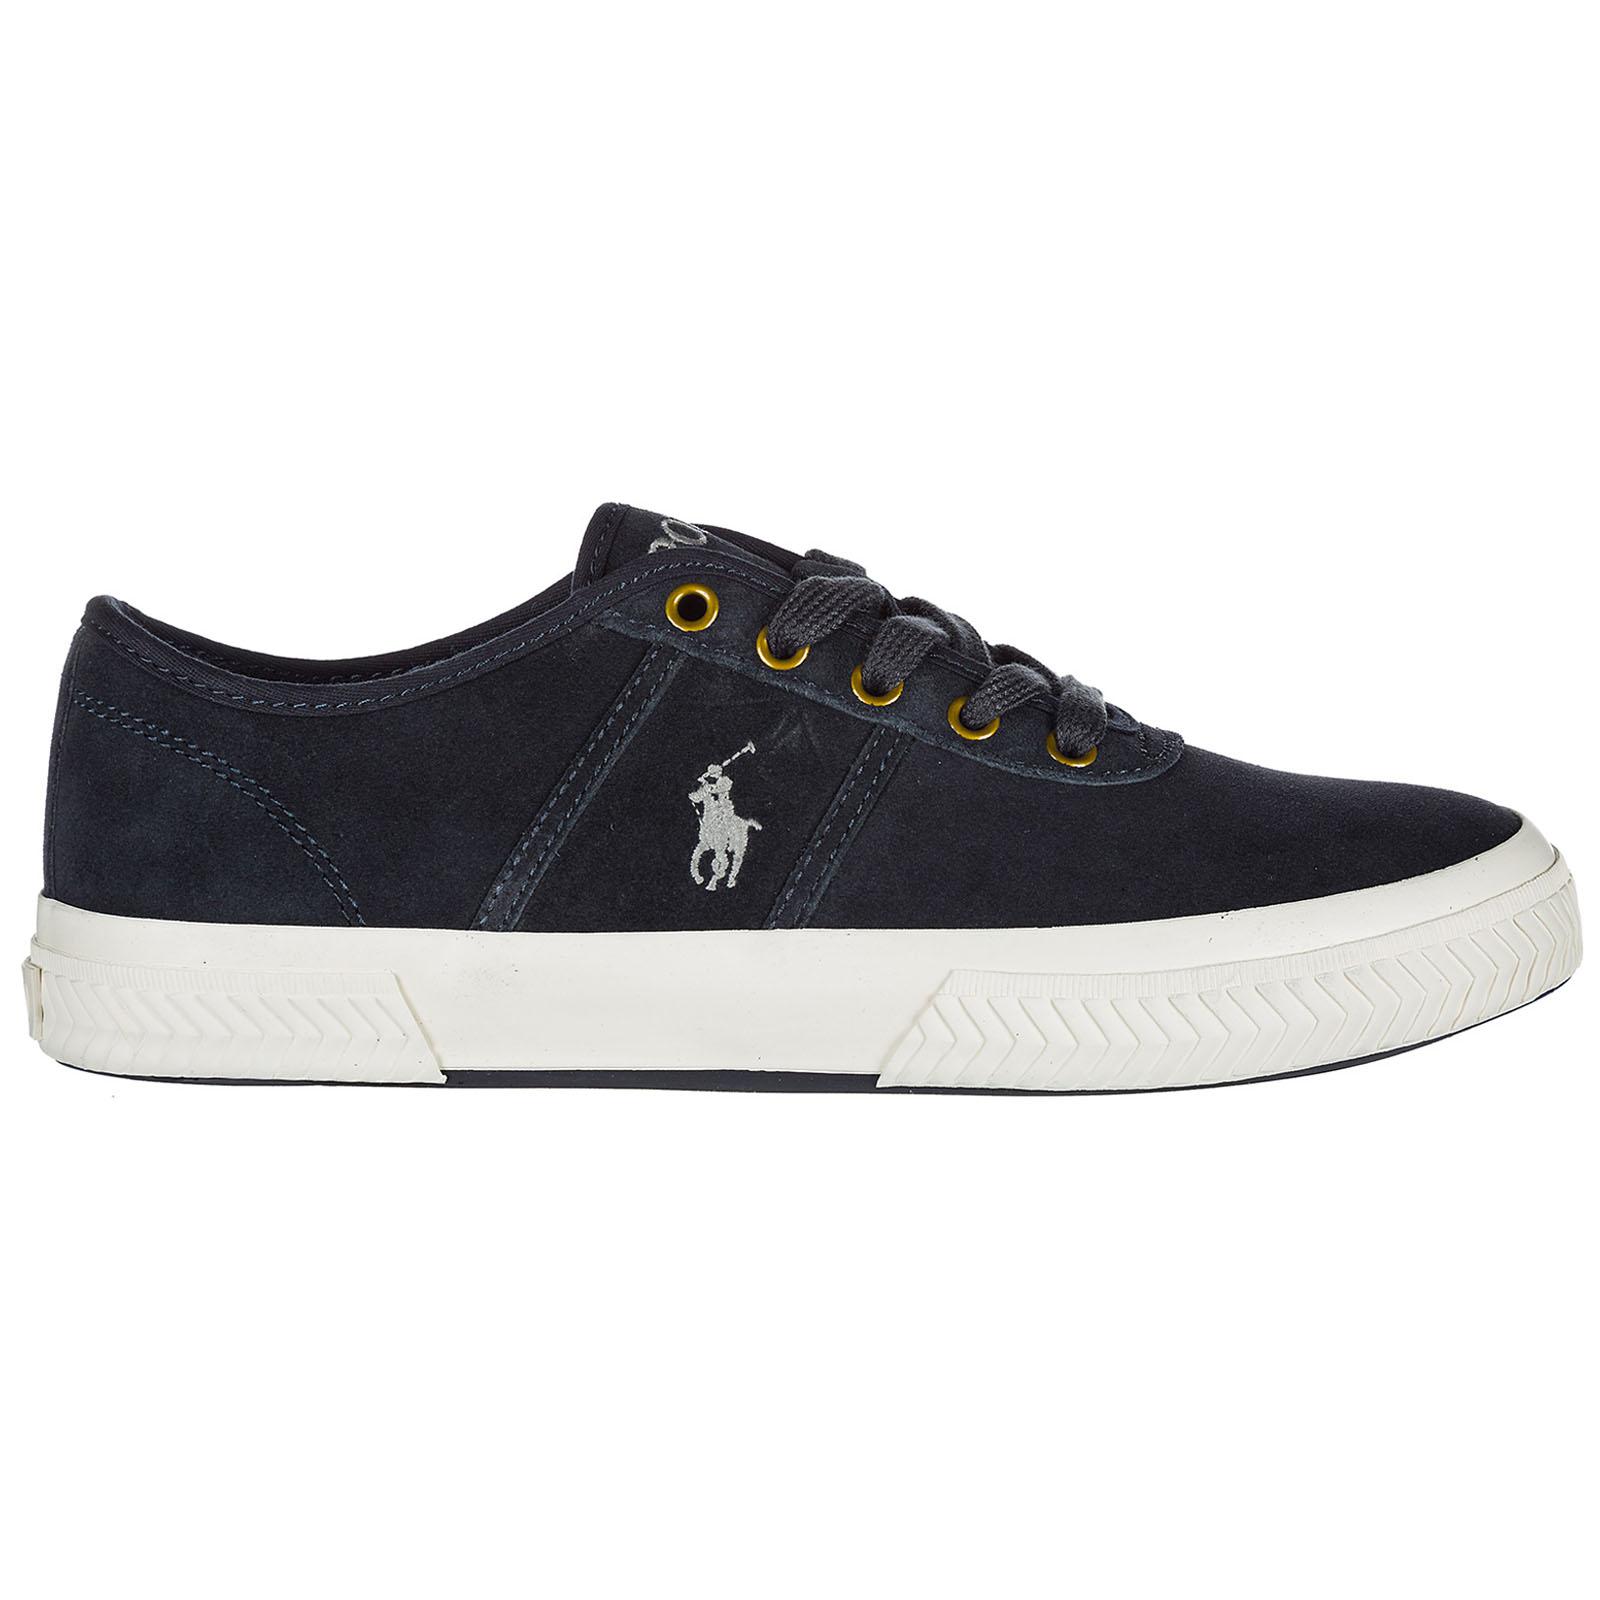 Scarpe sneakers uomo camoscio tyrian